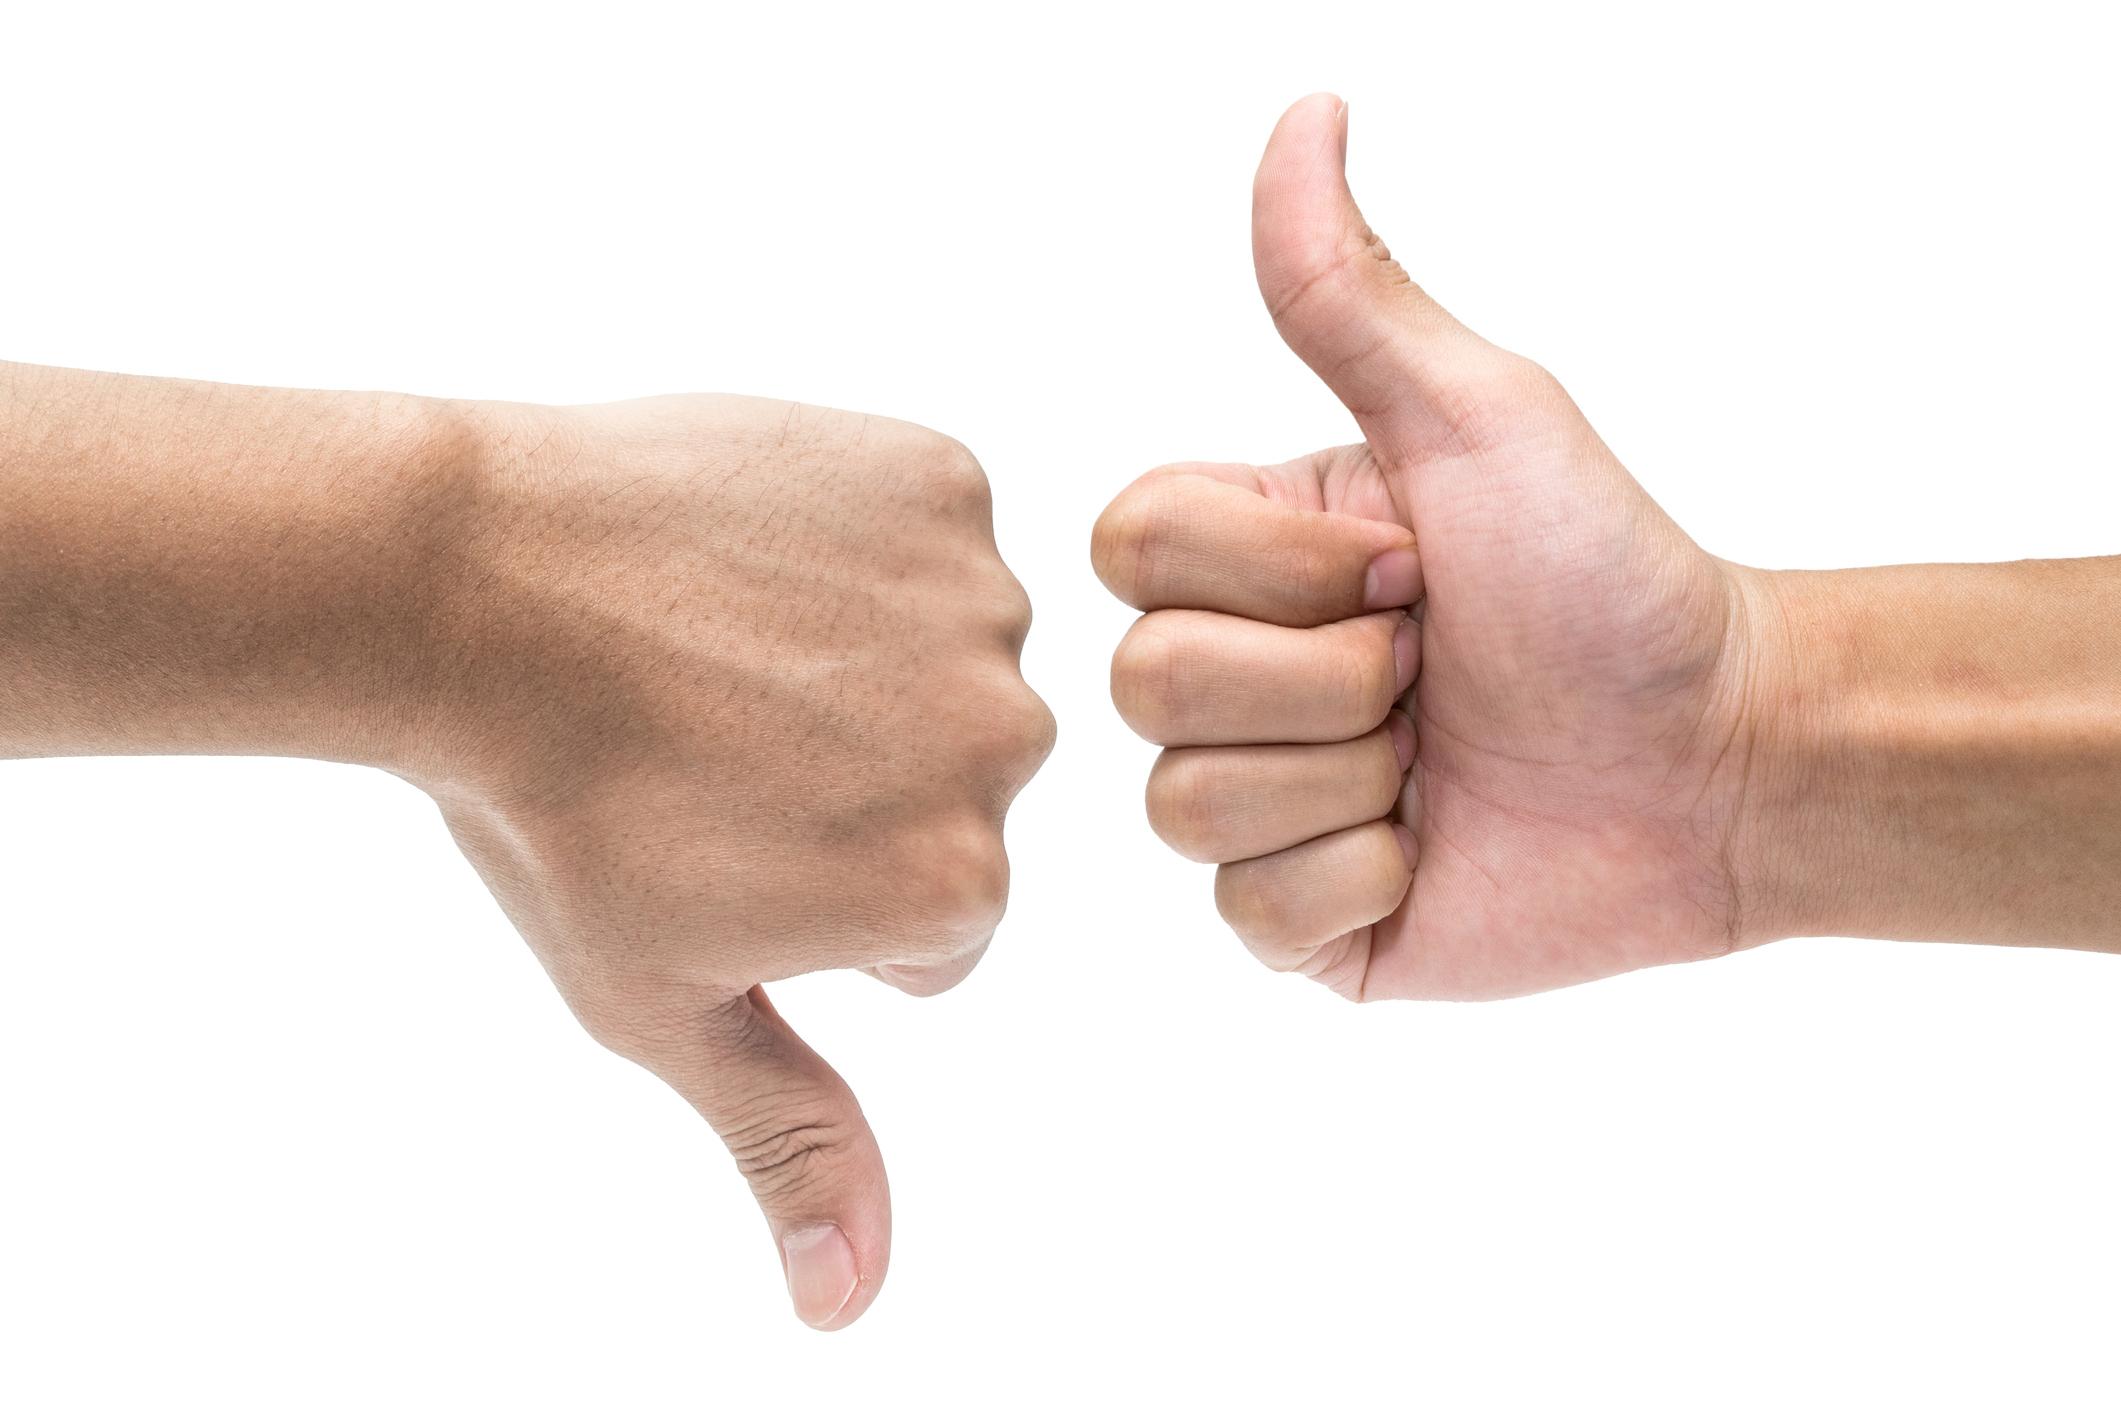 Thumb down and thumb up